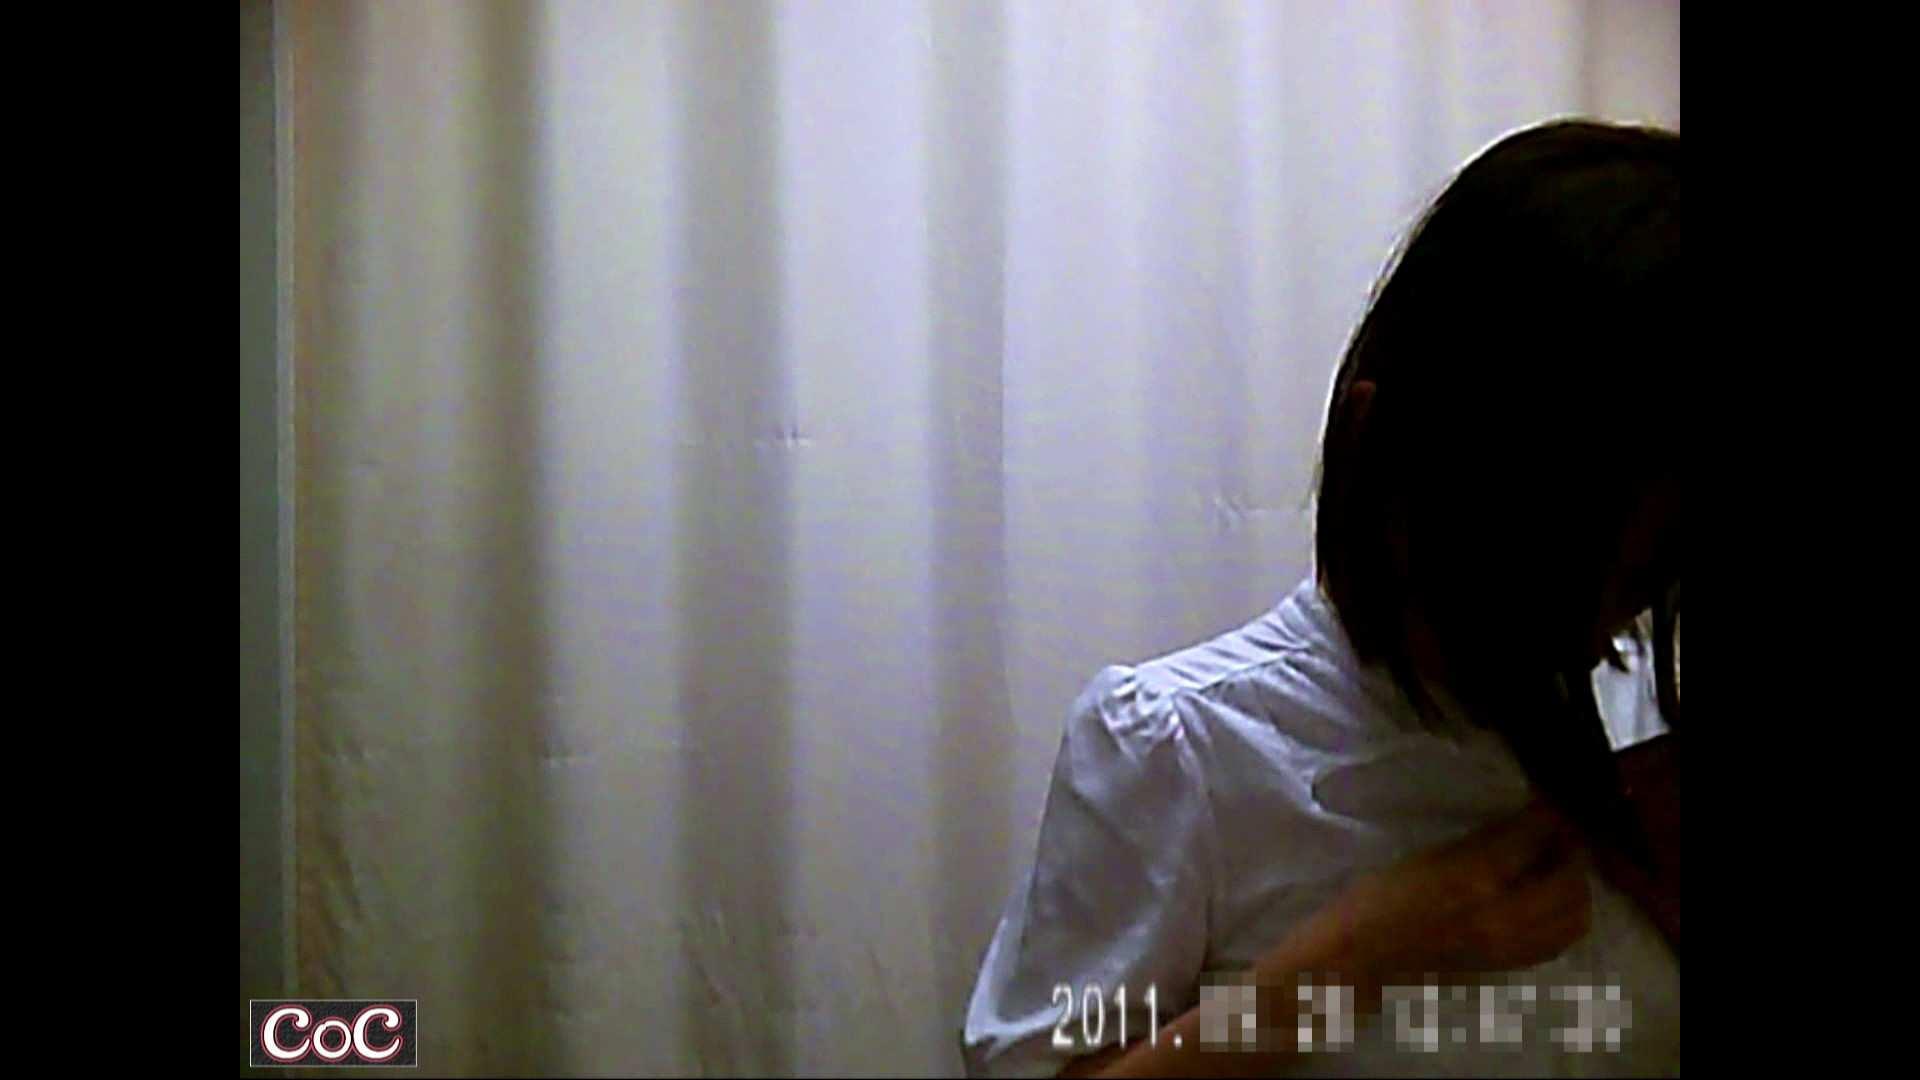 エッチ 熟女|元医者による反抗 更衣室地獄絵巻 vol.255|怪盗ジョーカー